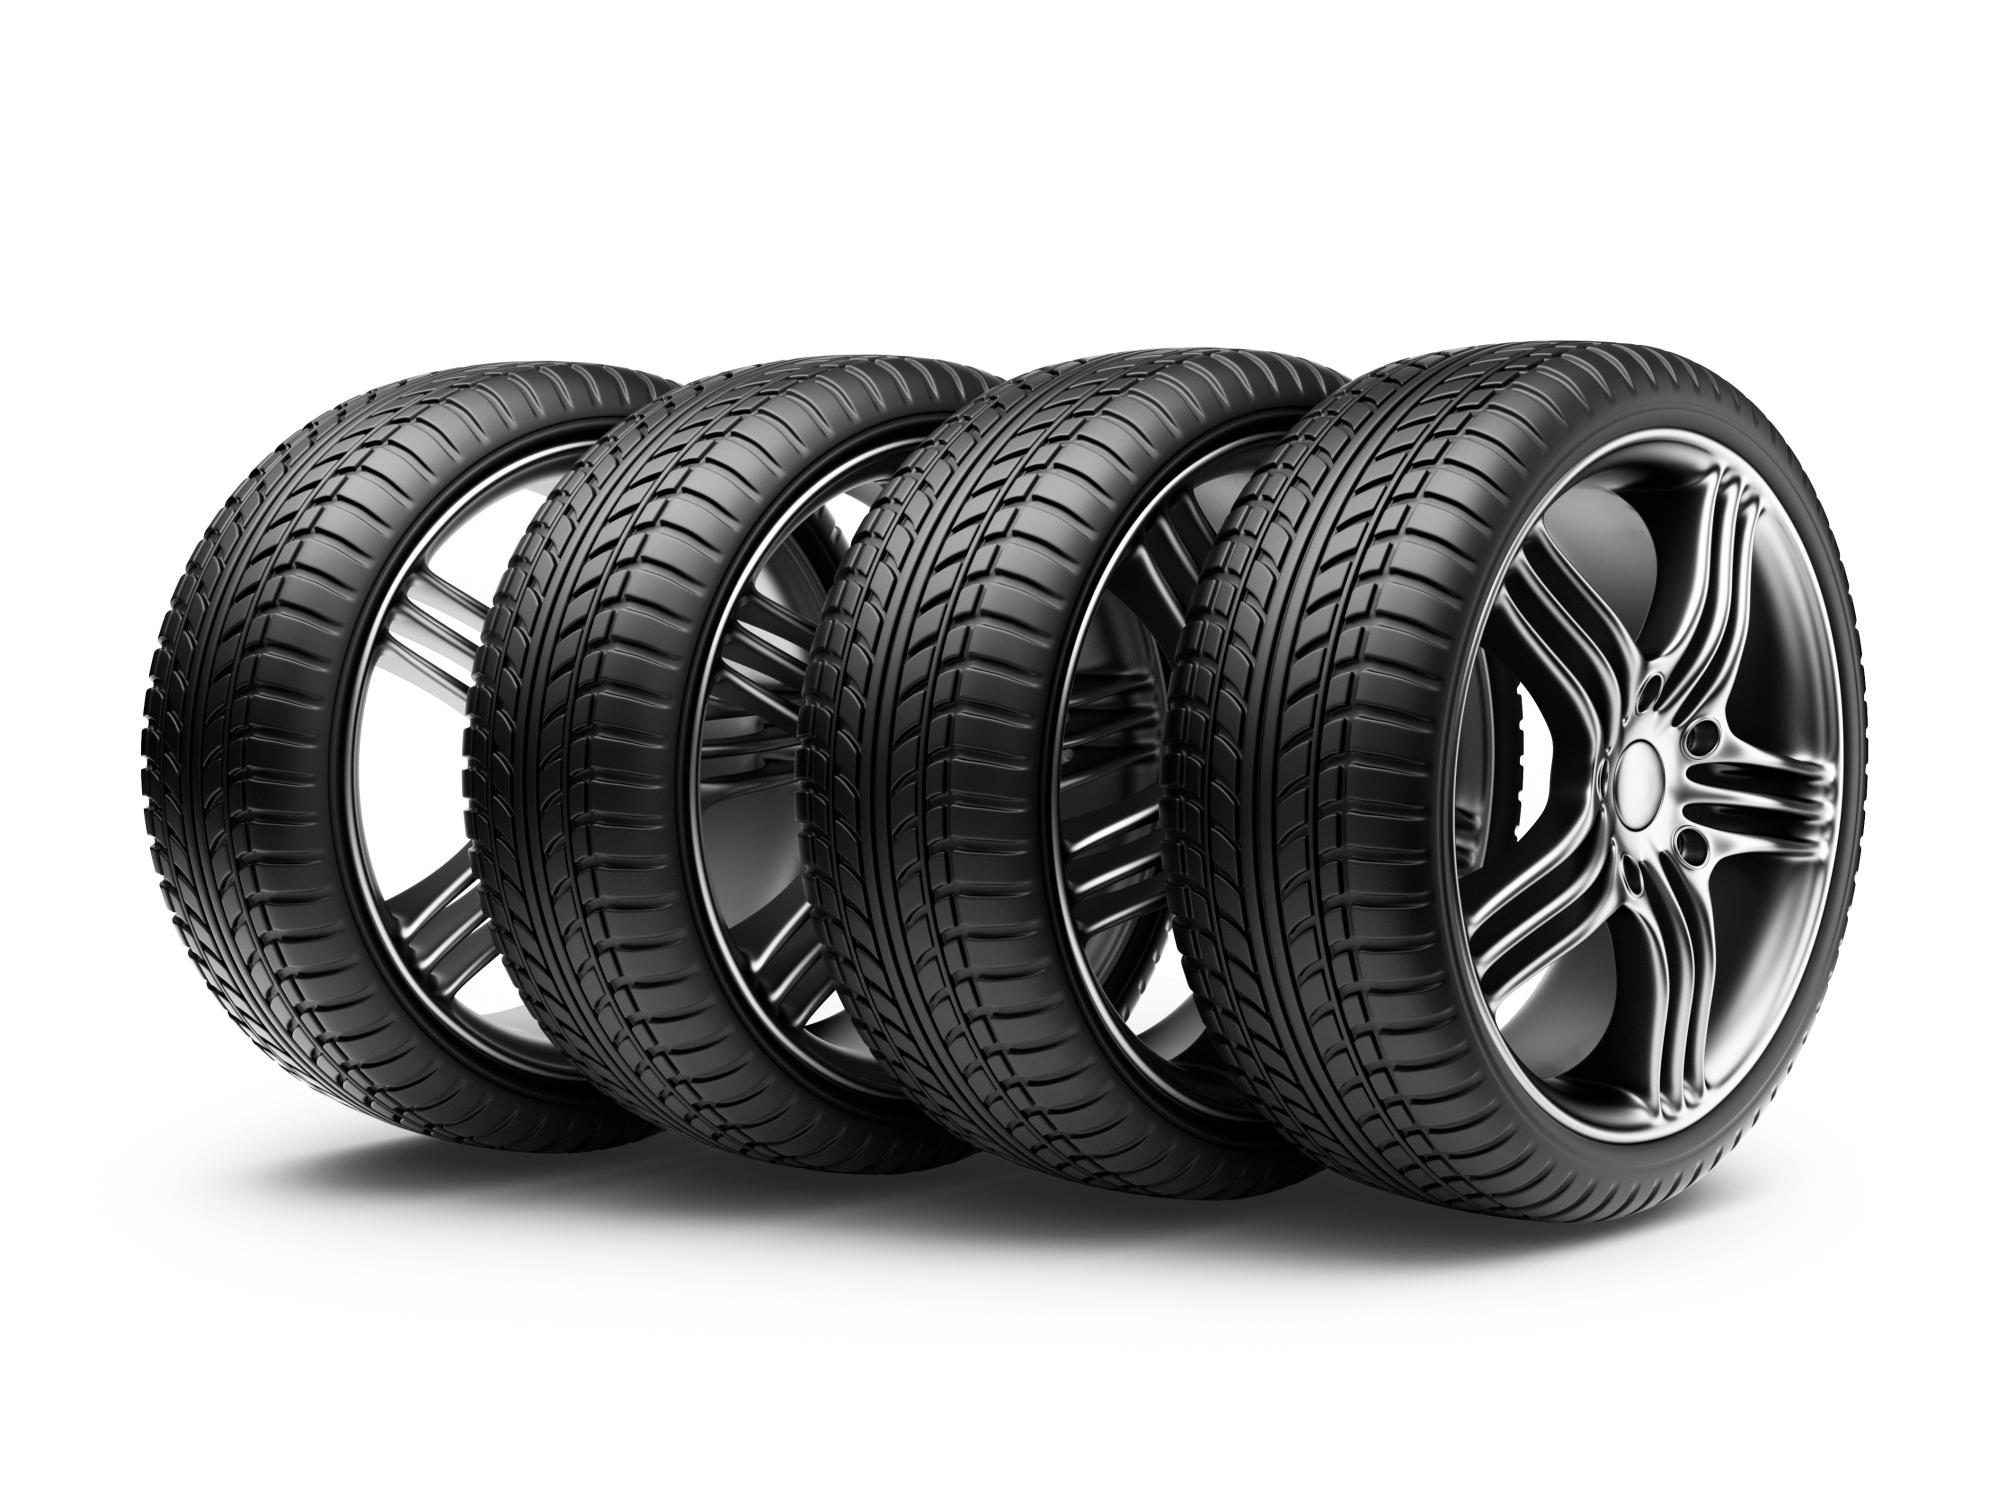 Mobilità sostenibile e risparmio: quanto conta il fattore pneumatici